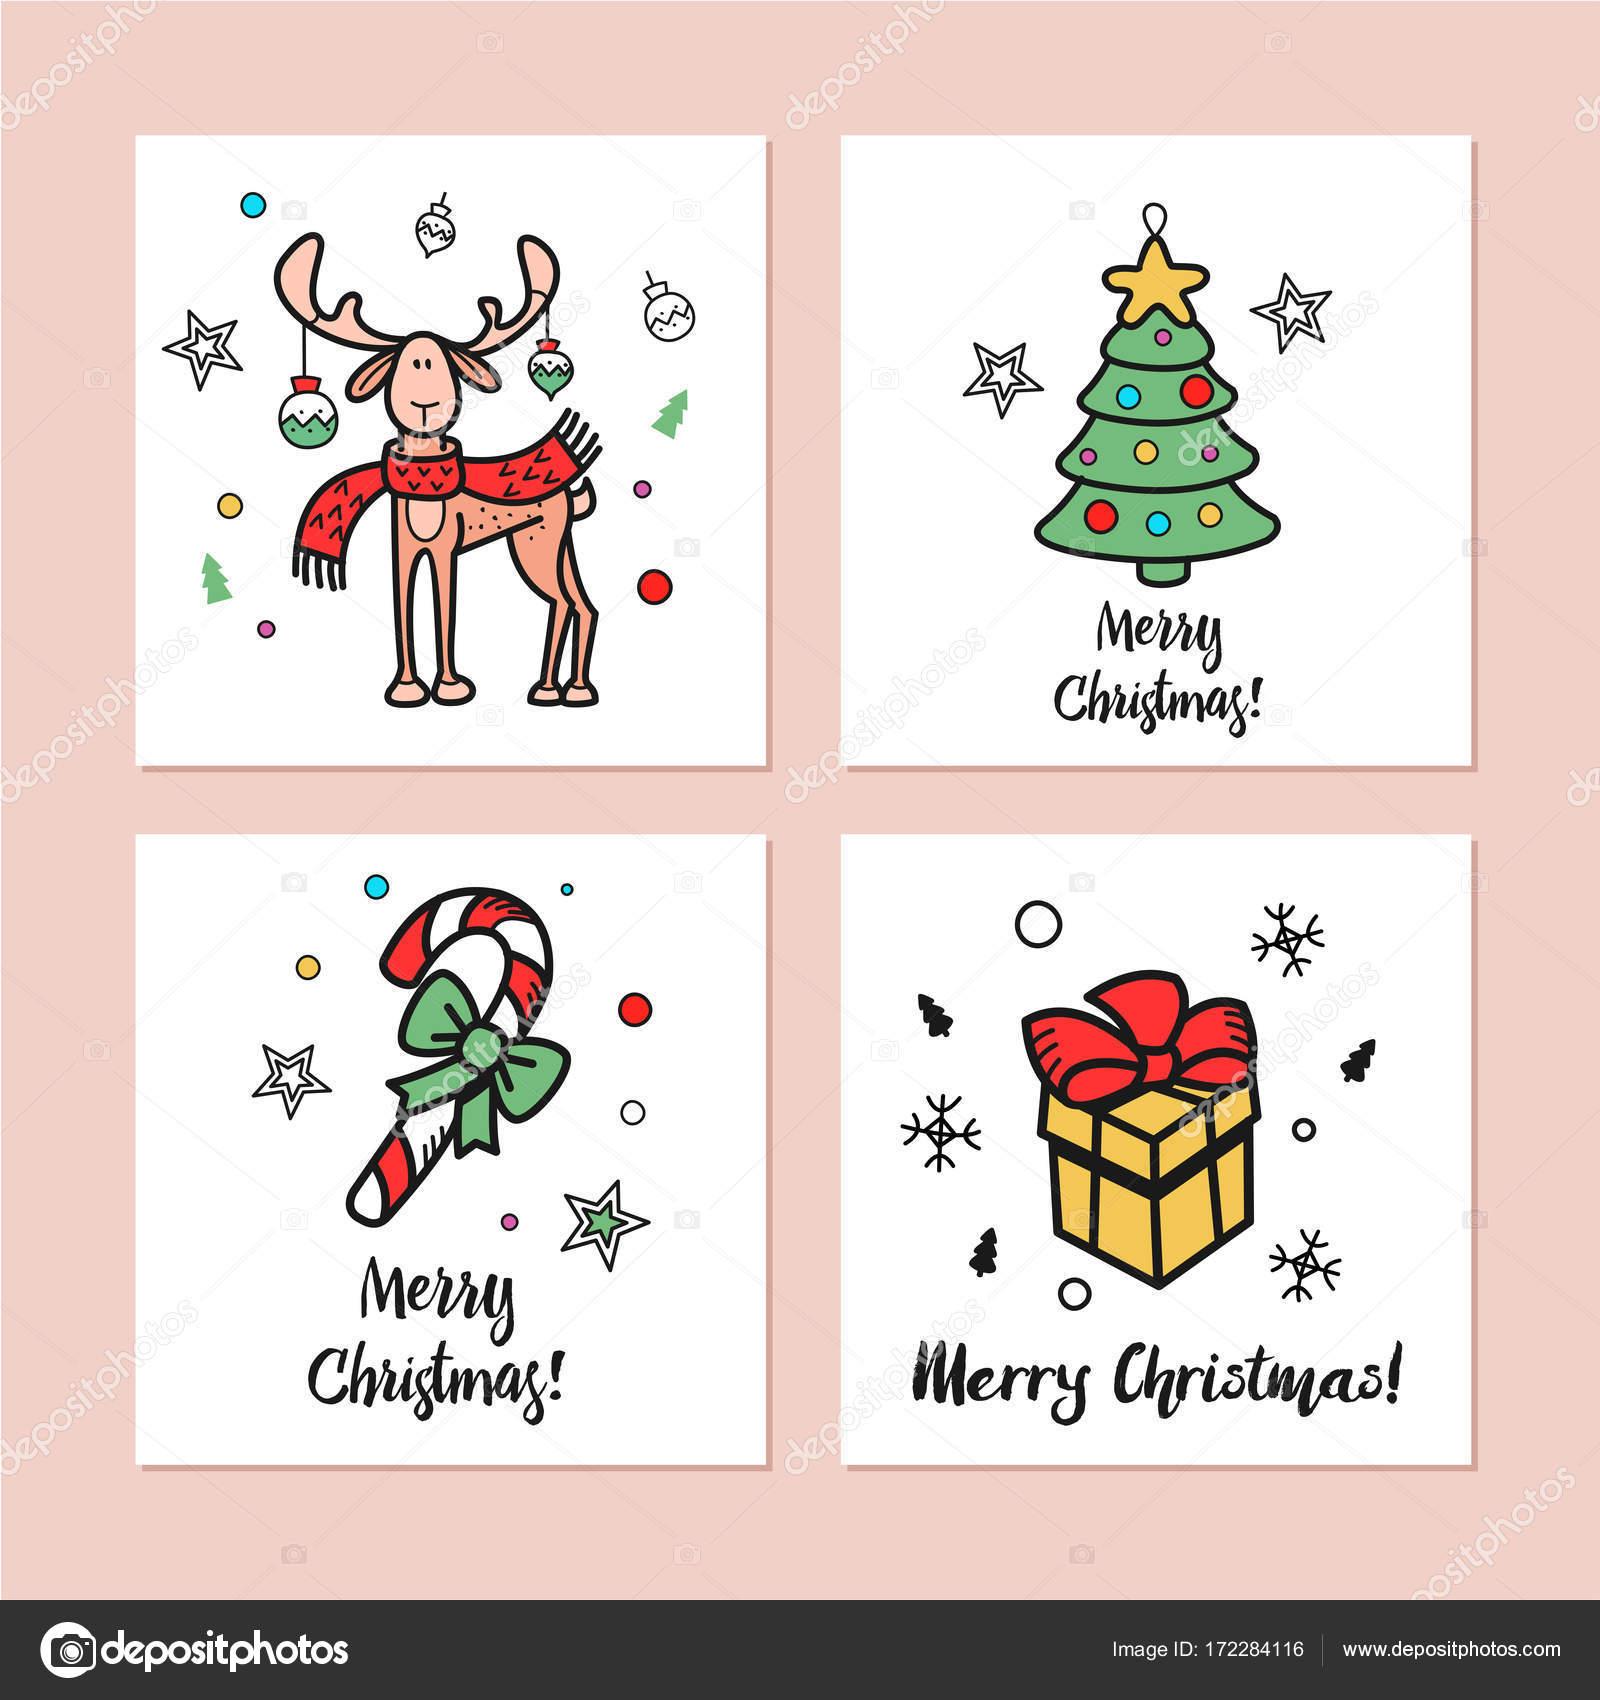 Süße Weihnachtsbilder.Eine Reihe Von Weihnachtskarten Stockvektor Katedemianov 172284116